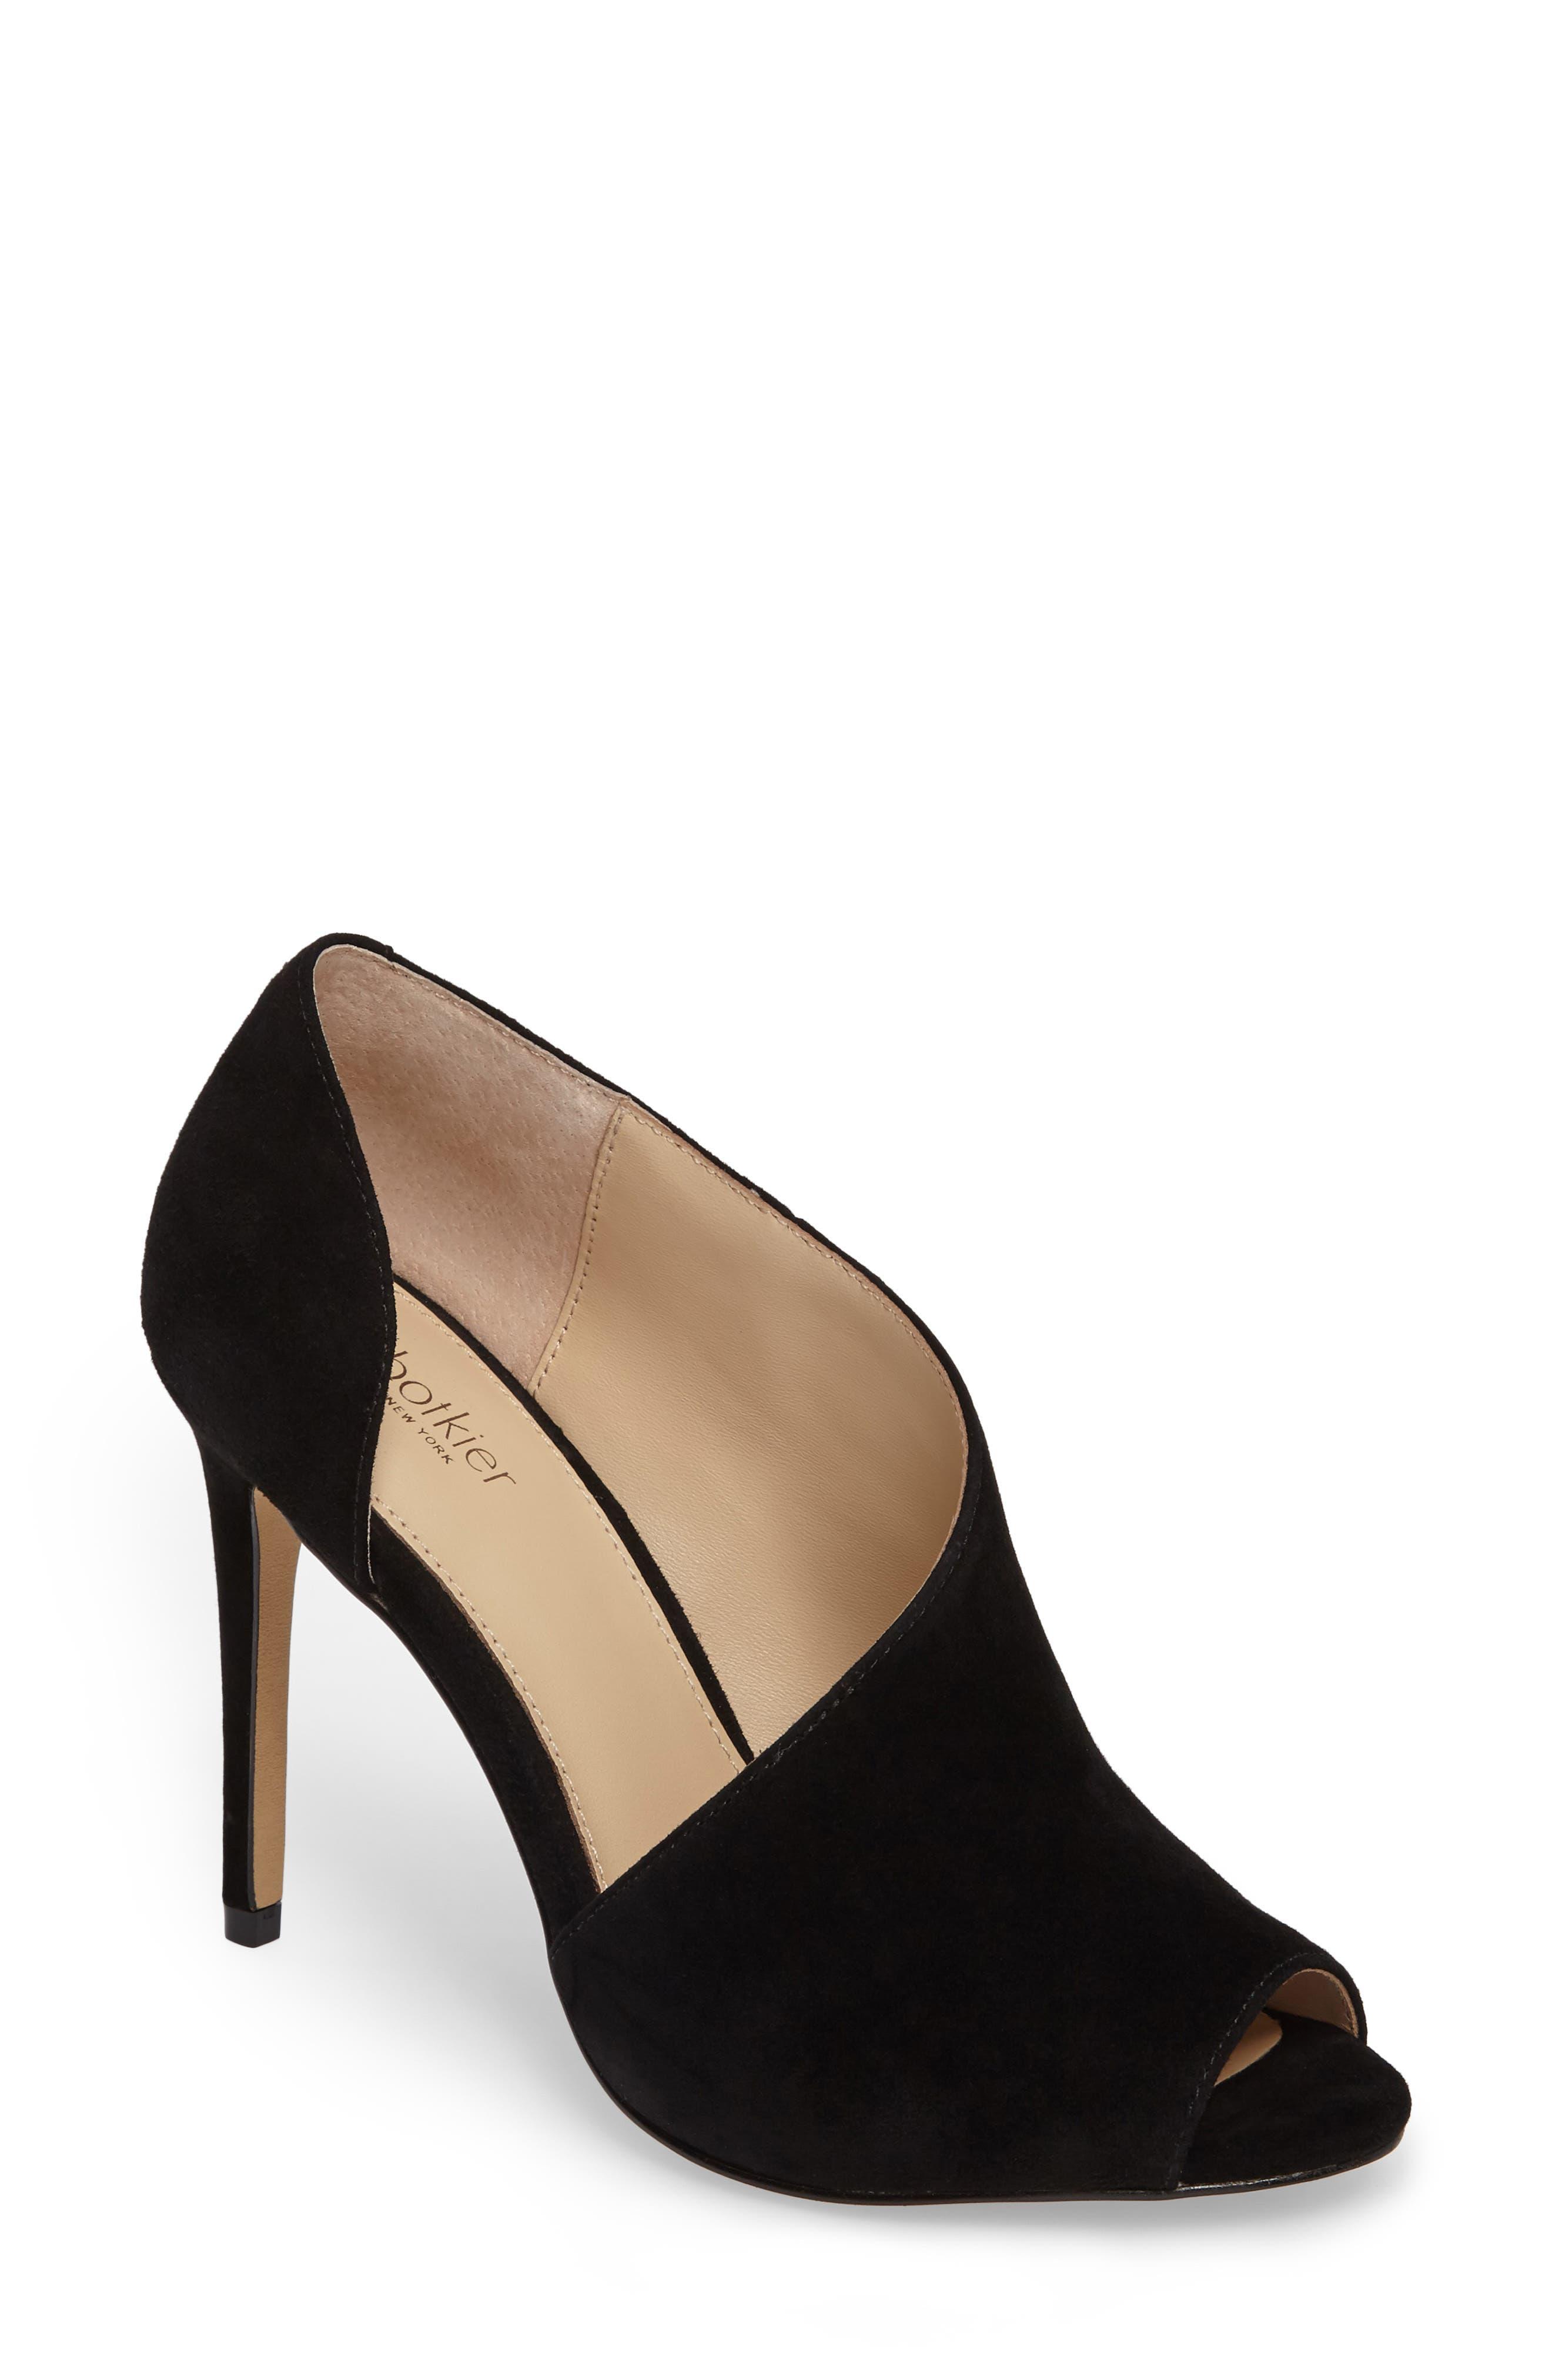 Adelia Asymmetrical Sandal,                             Main thumbnail 1, color,                             BLACK